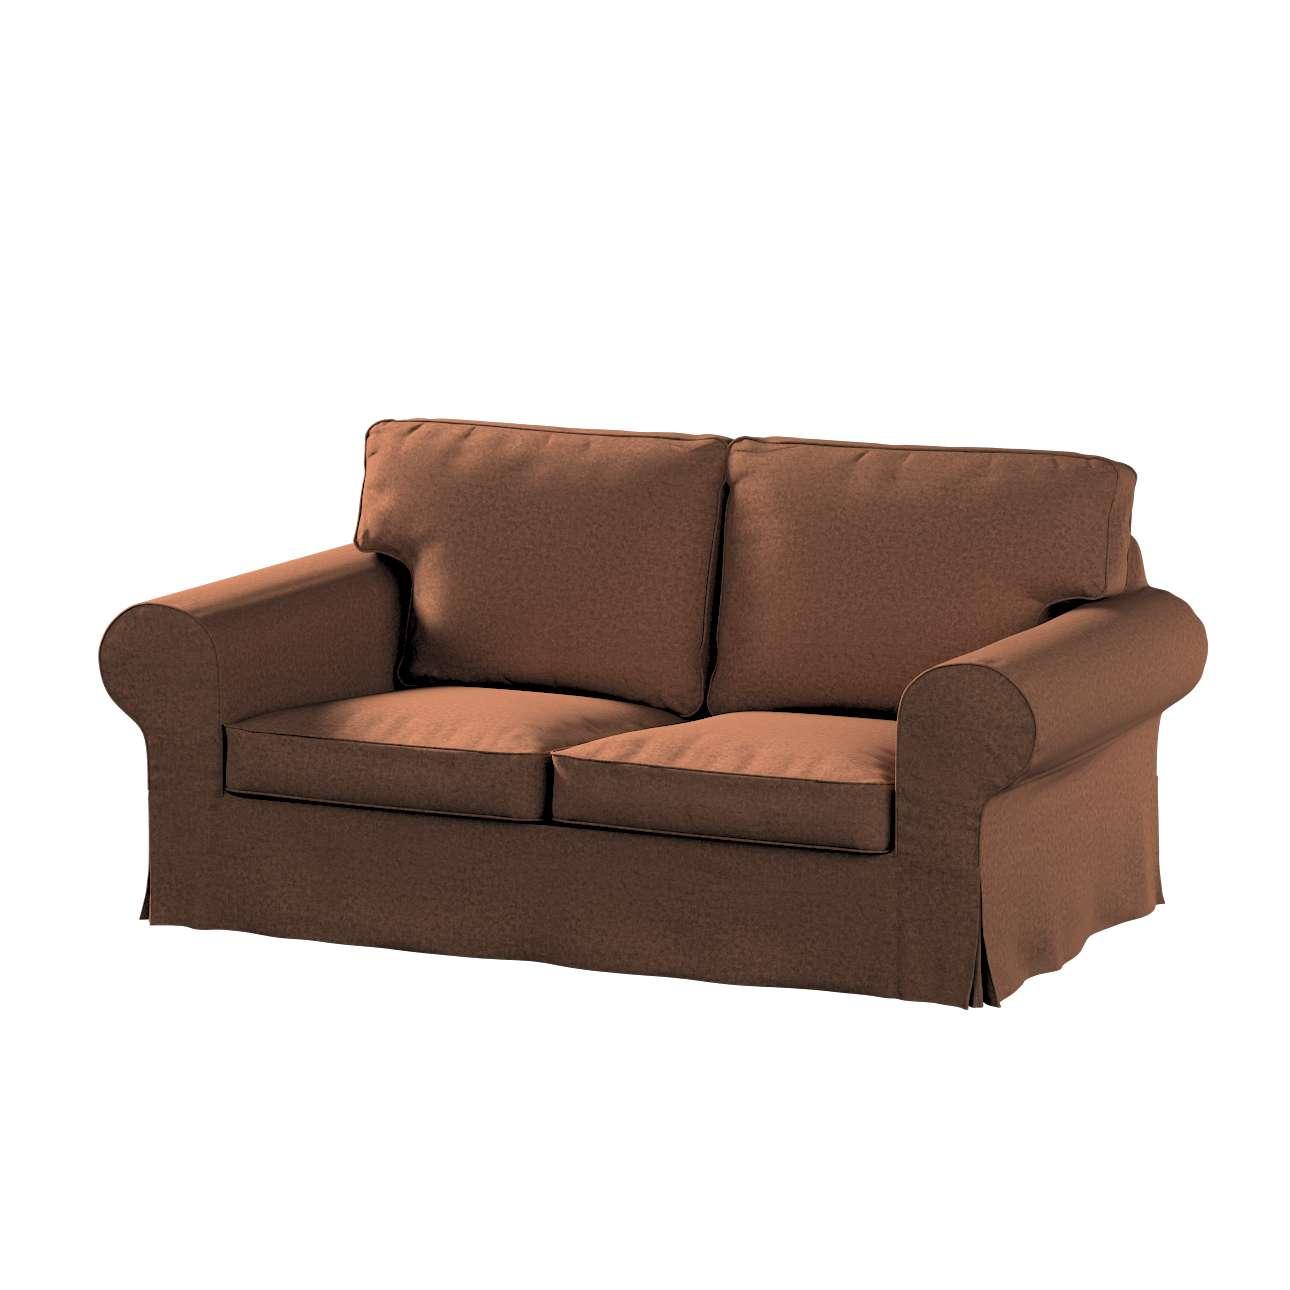 Pokrowiec na sofę Ektorp 2-osobową, rozkładaną, model do 2012 w kolekcji Living, tkanina: 161-65